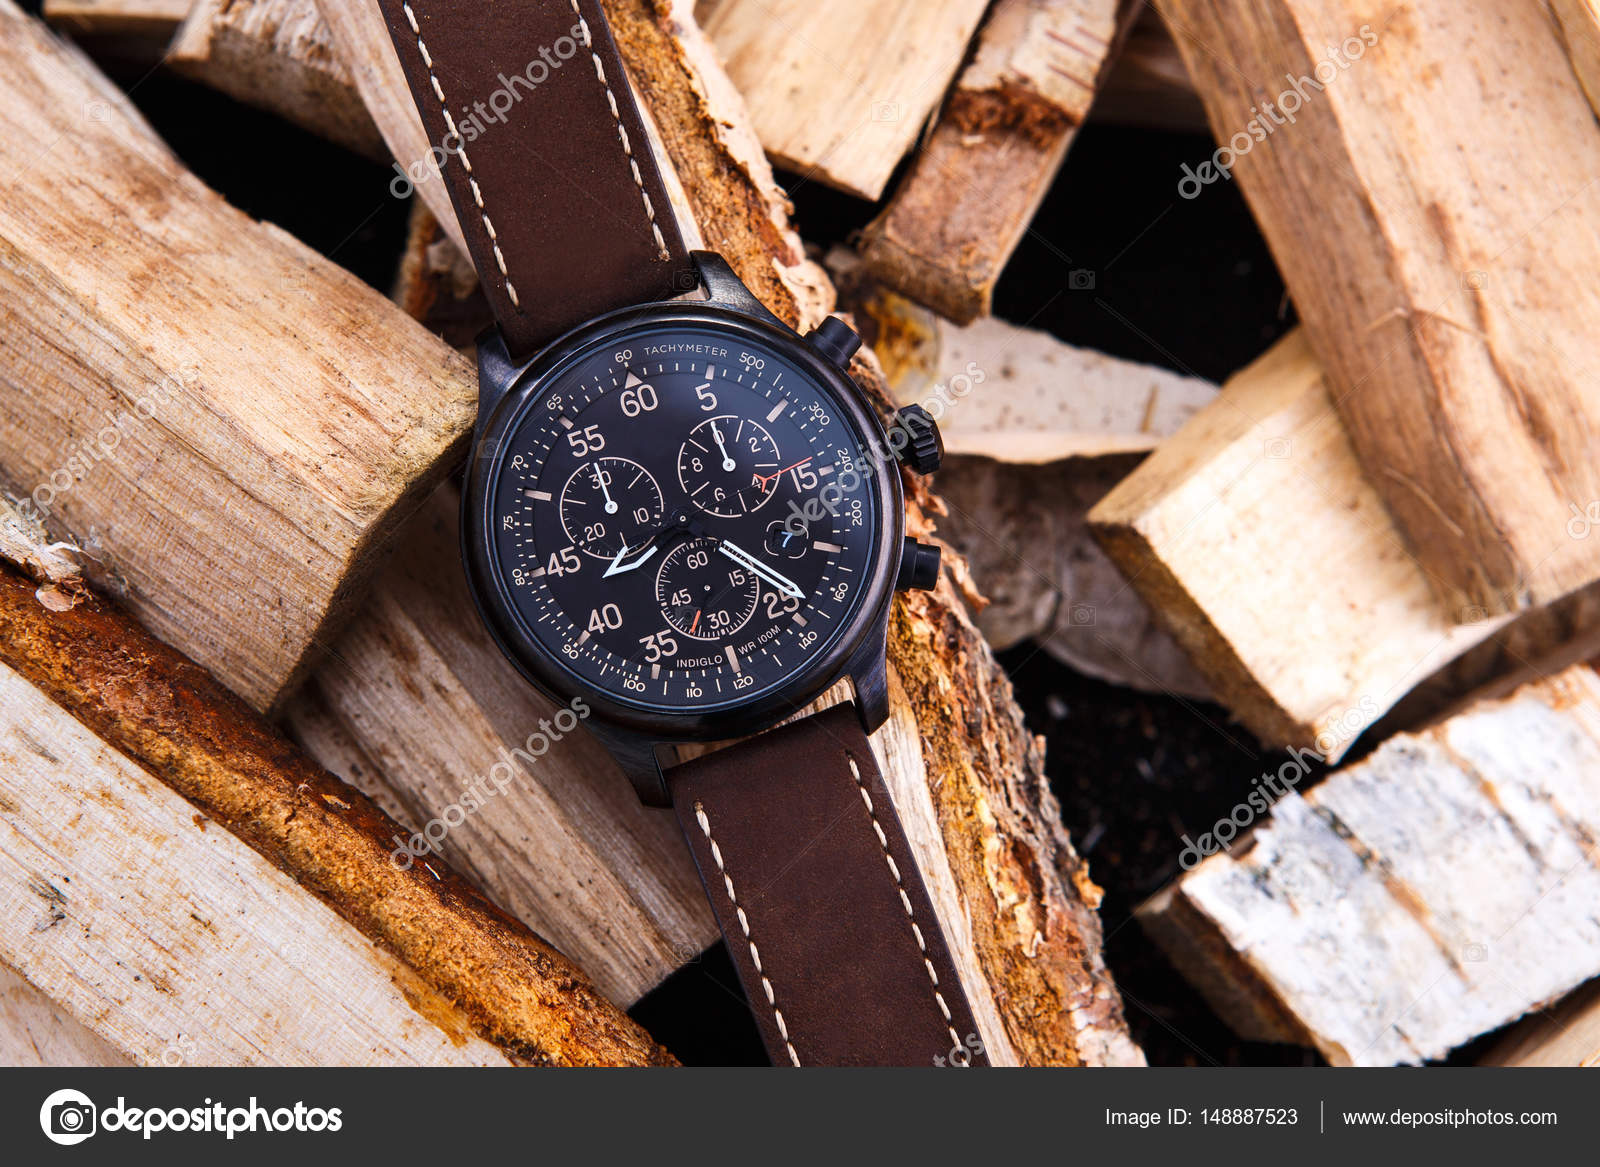 d7fd77b3f05 Pulseira de couro marrom masculino relógio de pulso na madeira — Fotografia  de Stock